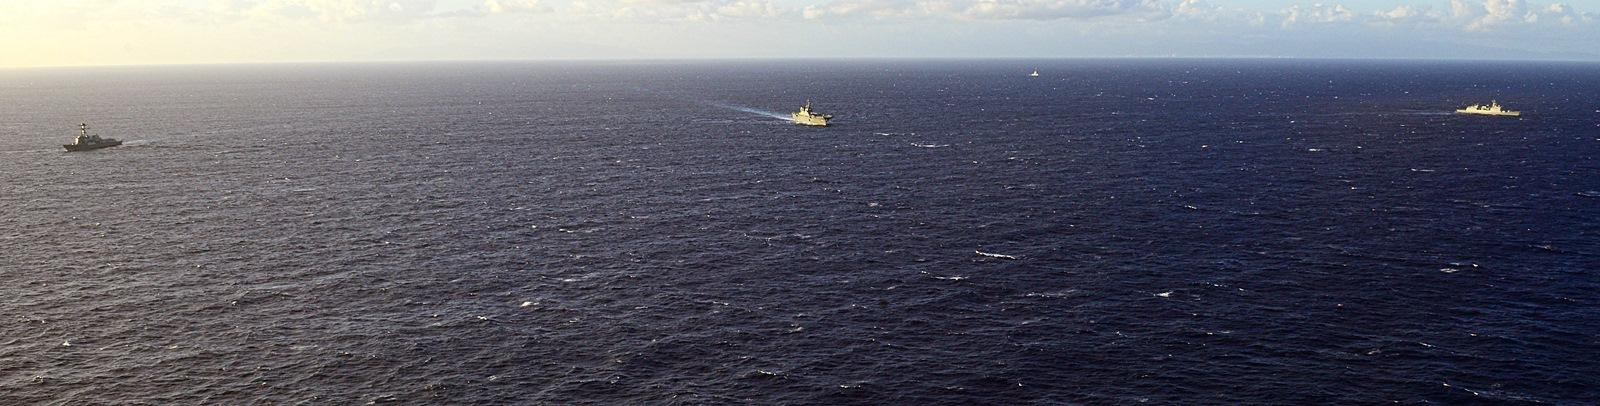 한 미 일 3국 해군 합동 함대 항진 훈련 실시